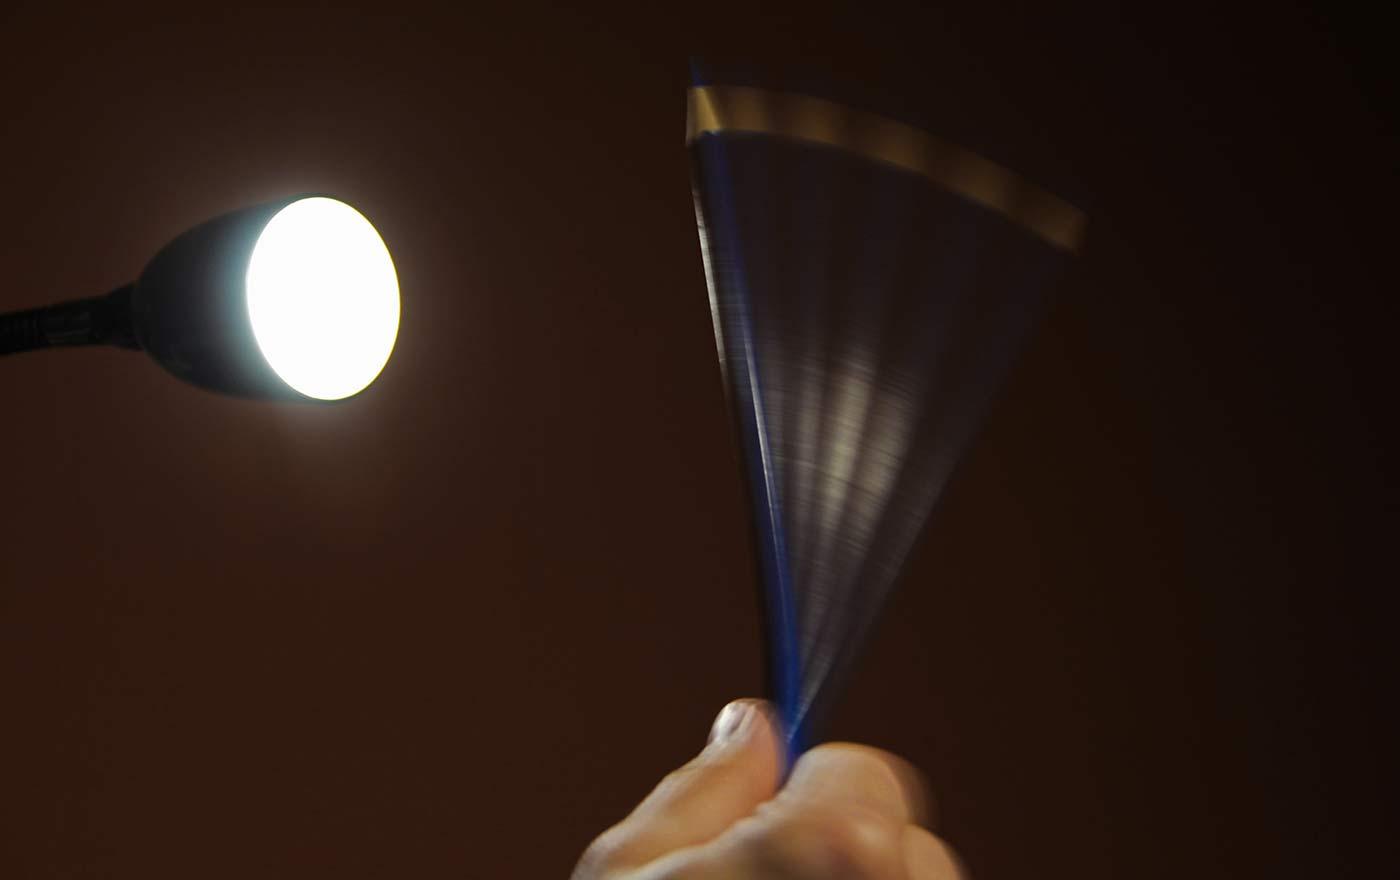 Проверка мерцания лампы с помощью карандашного теста